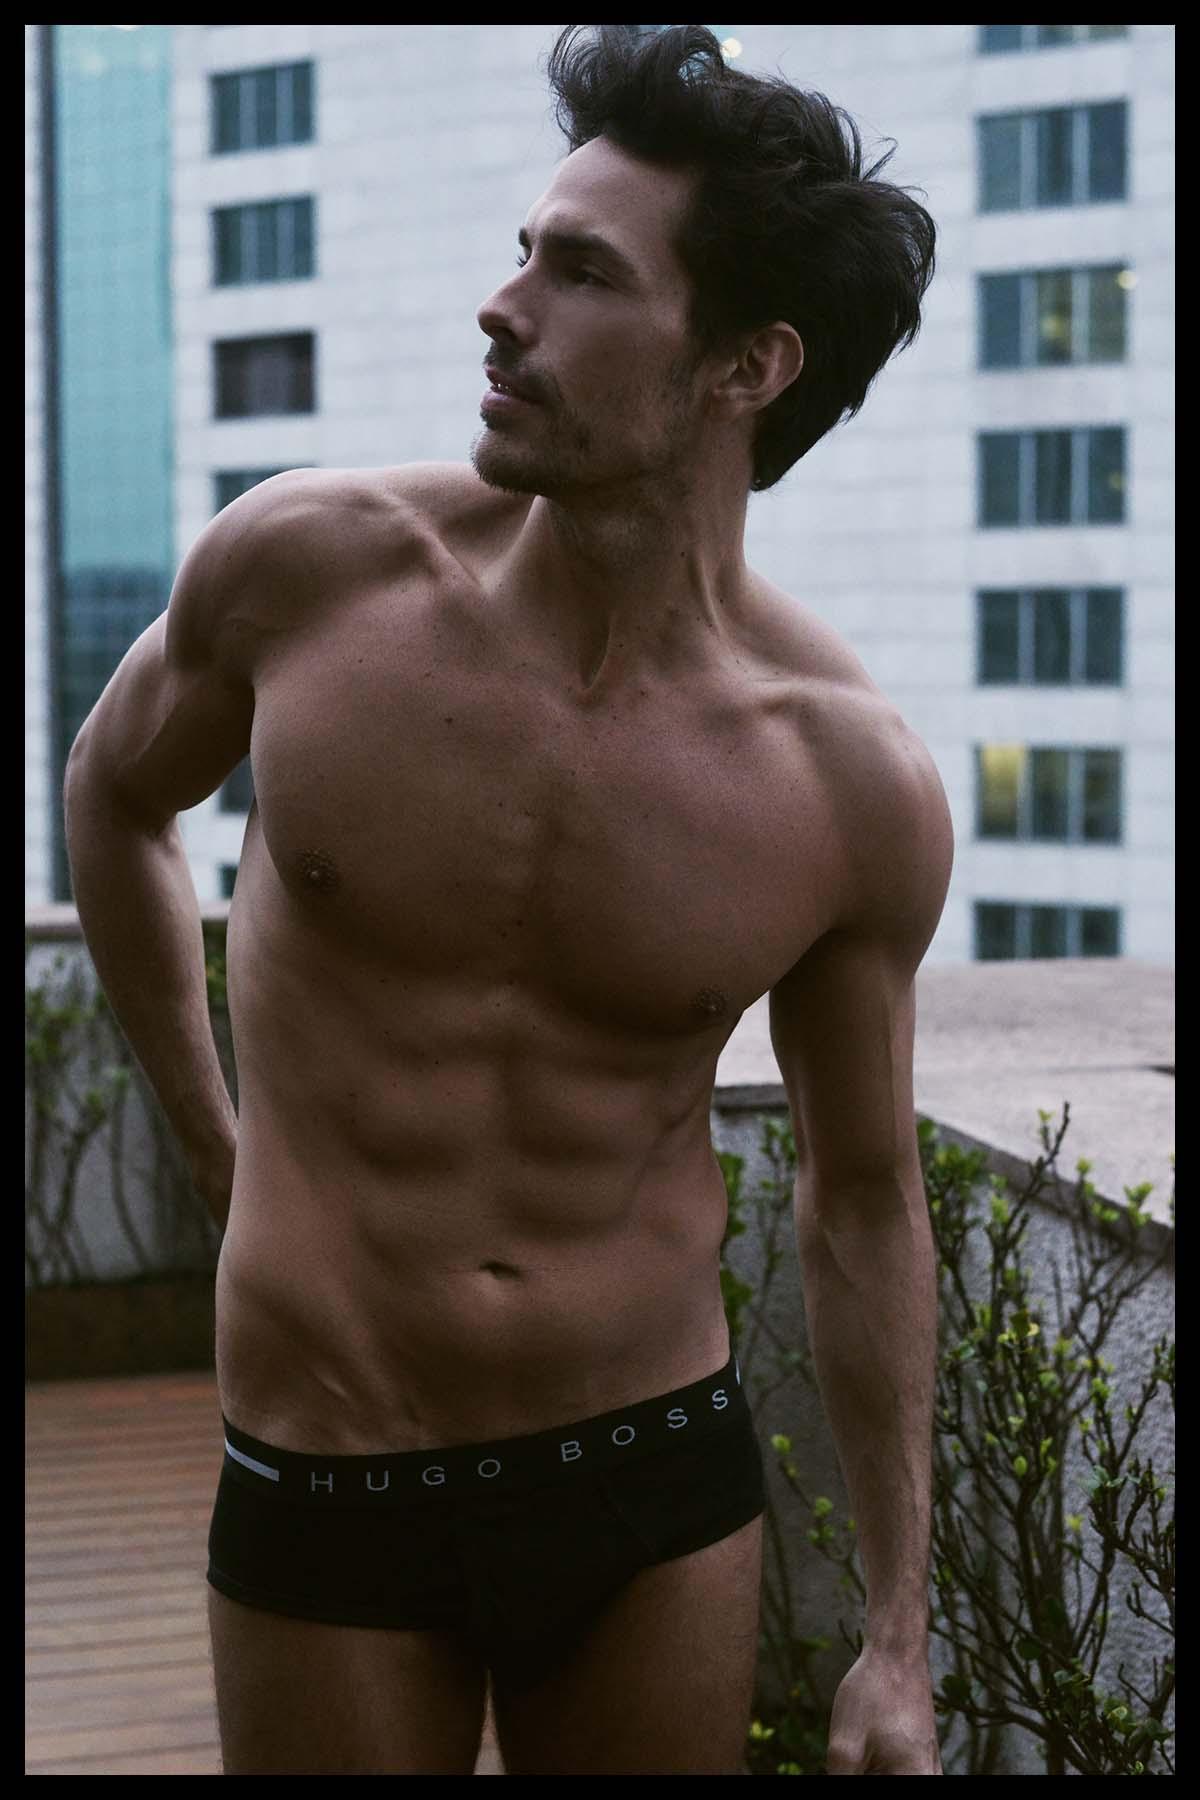 Bruno Amora by Rodrigo Marconatto for Brazilian Male Model